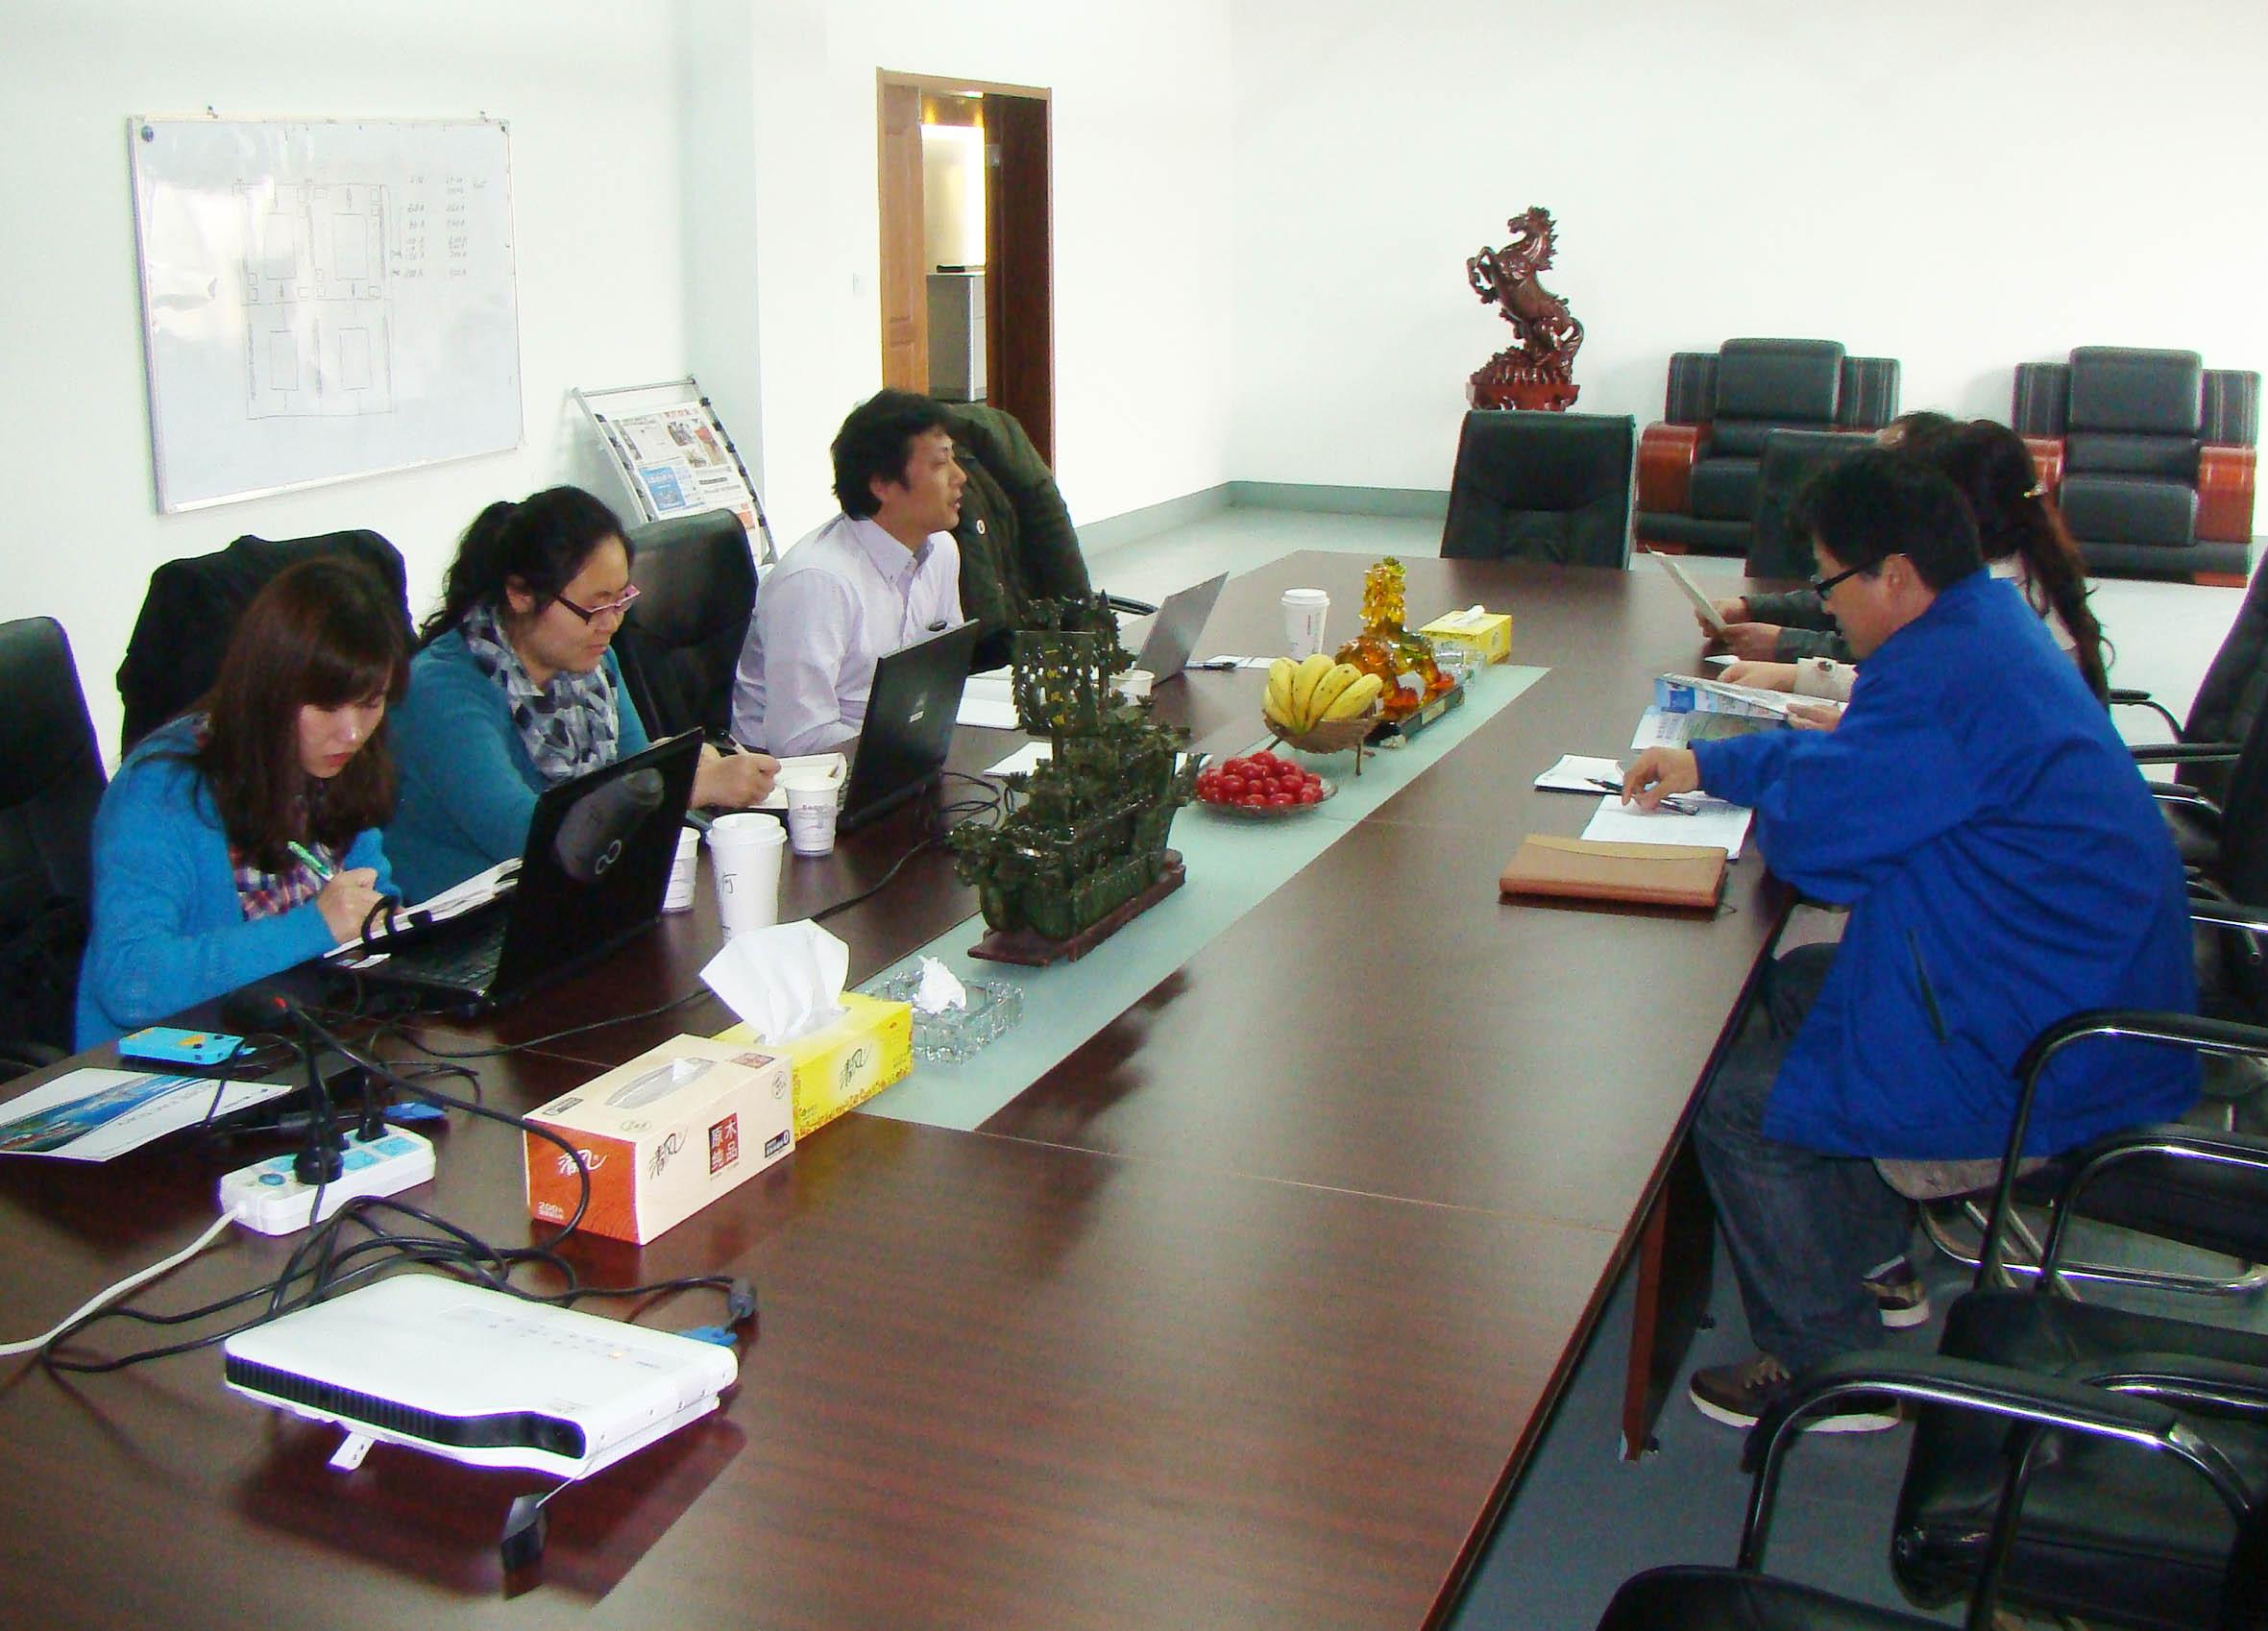 2013年4月23日富士電機領導蒞臨我司洽談合作事宜